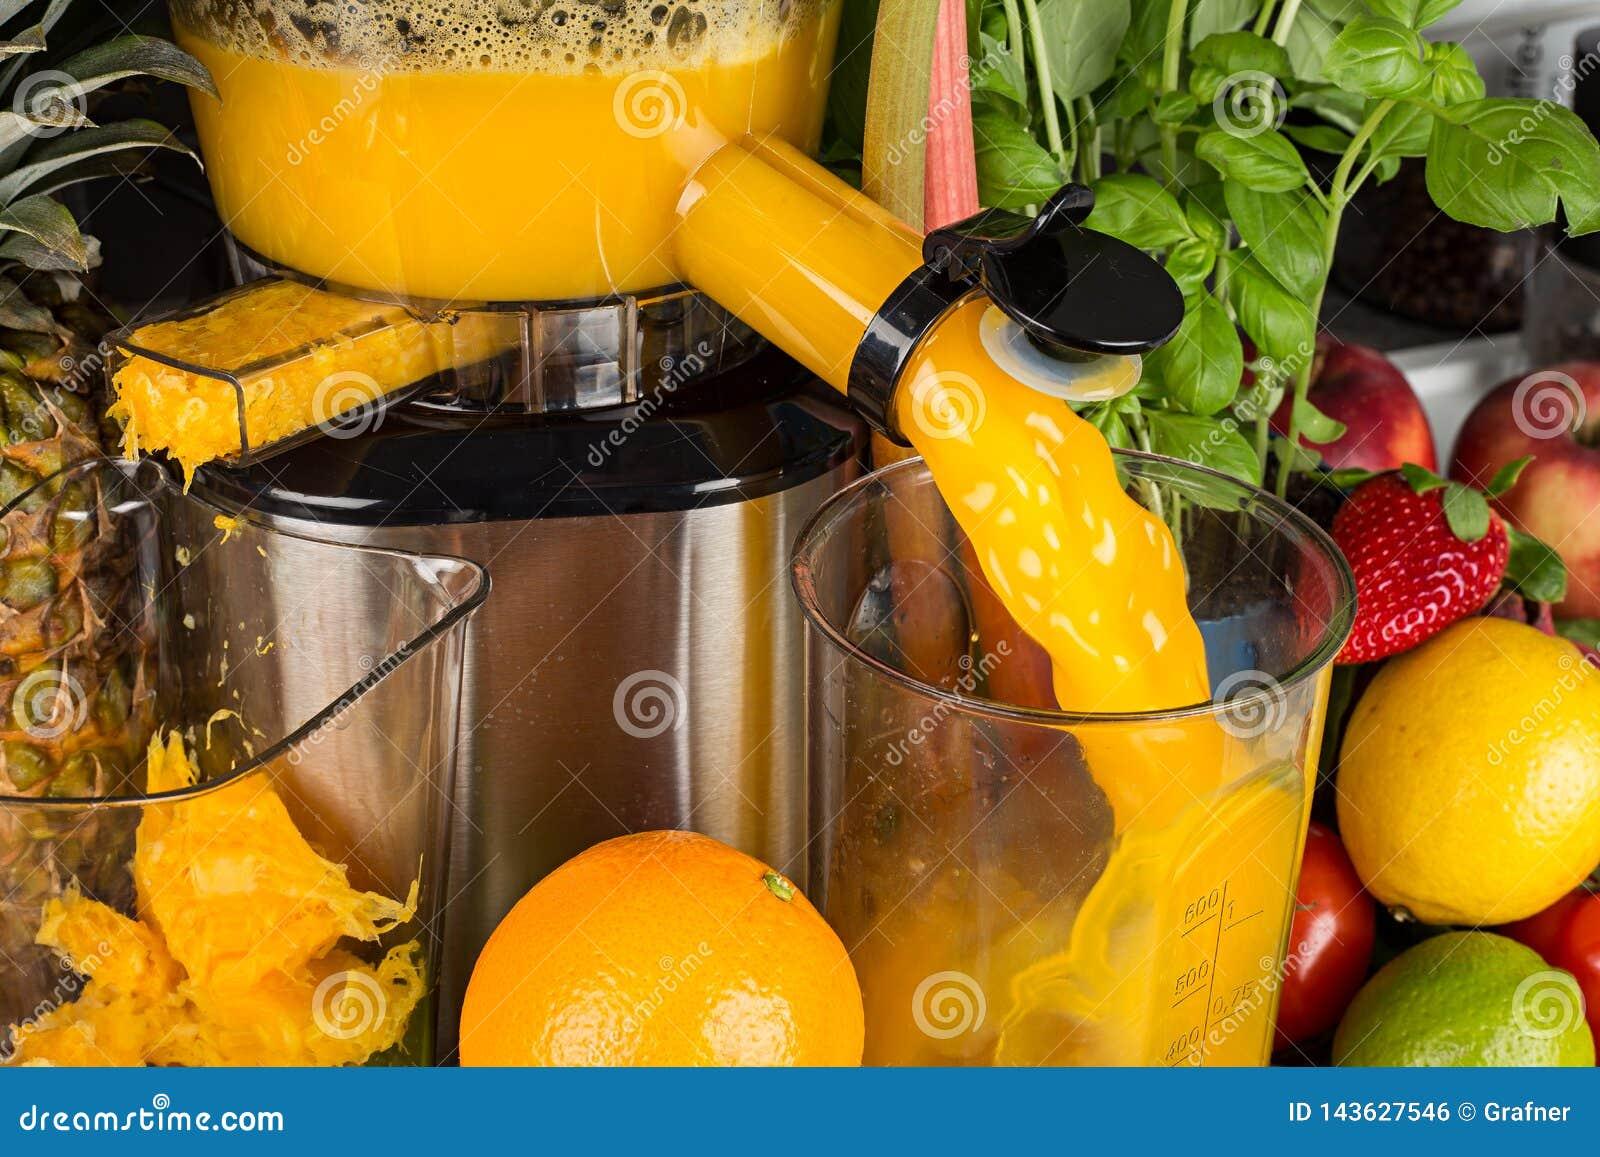 Αργό juicer στην κουζίνα με πολύ φρούτων και λαχανικών πορτοκαλί βιταμινών υπόβαθρο έννοιας τρόπου ζωής χυμού υγιές